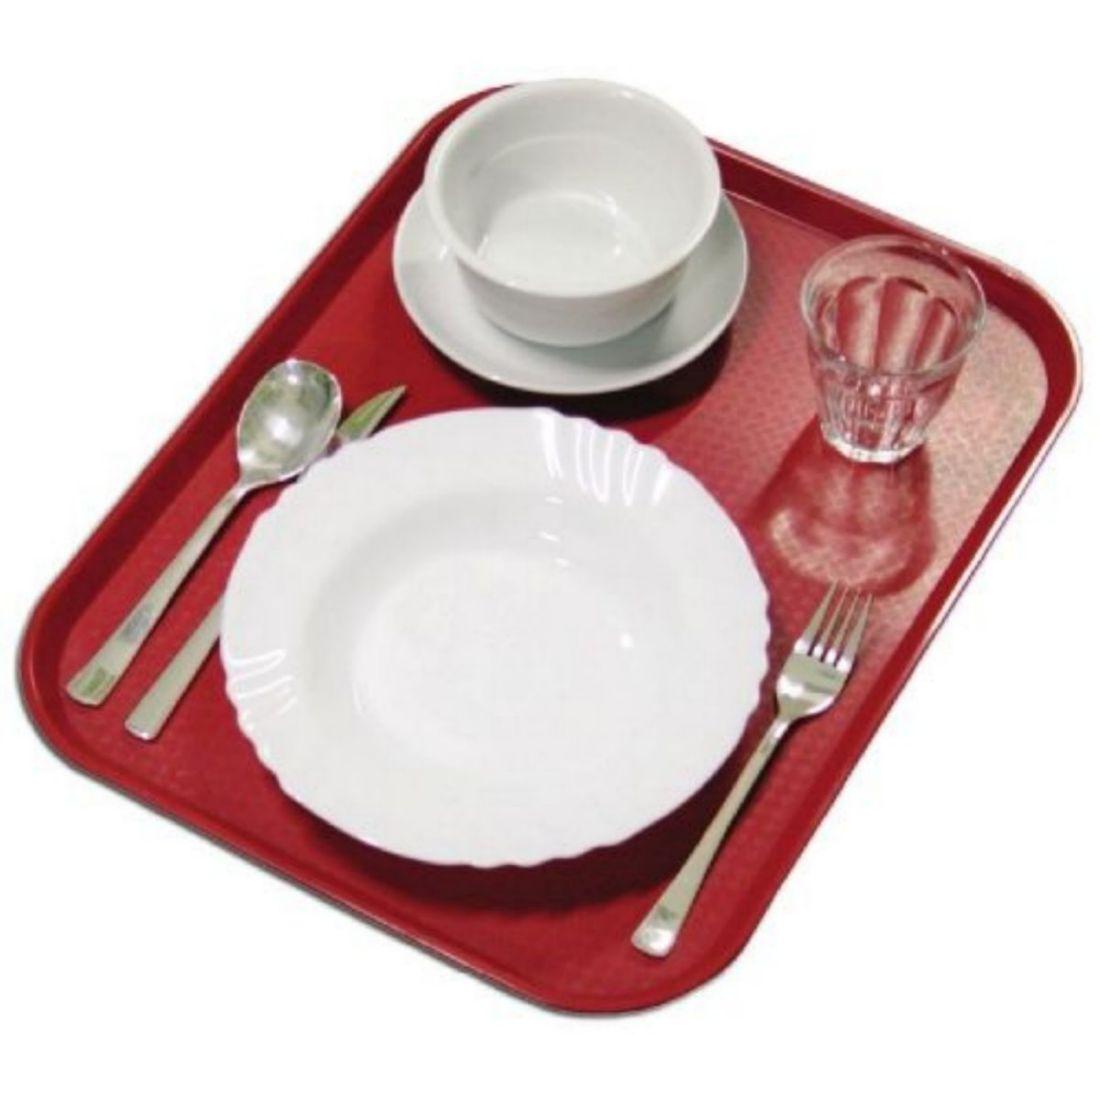 Podnos jídelní - červený 360 x 460 mm